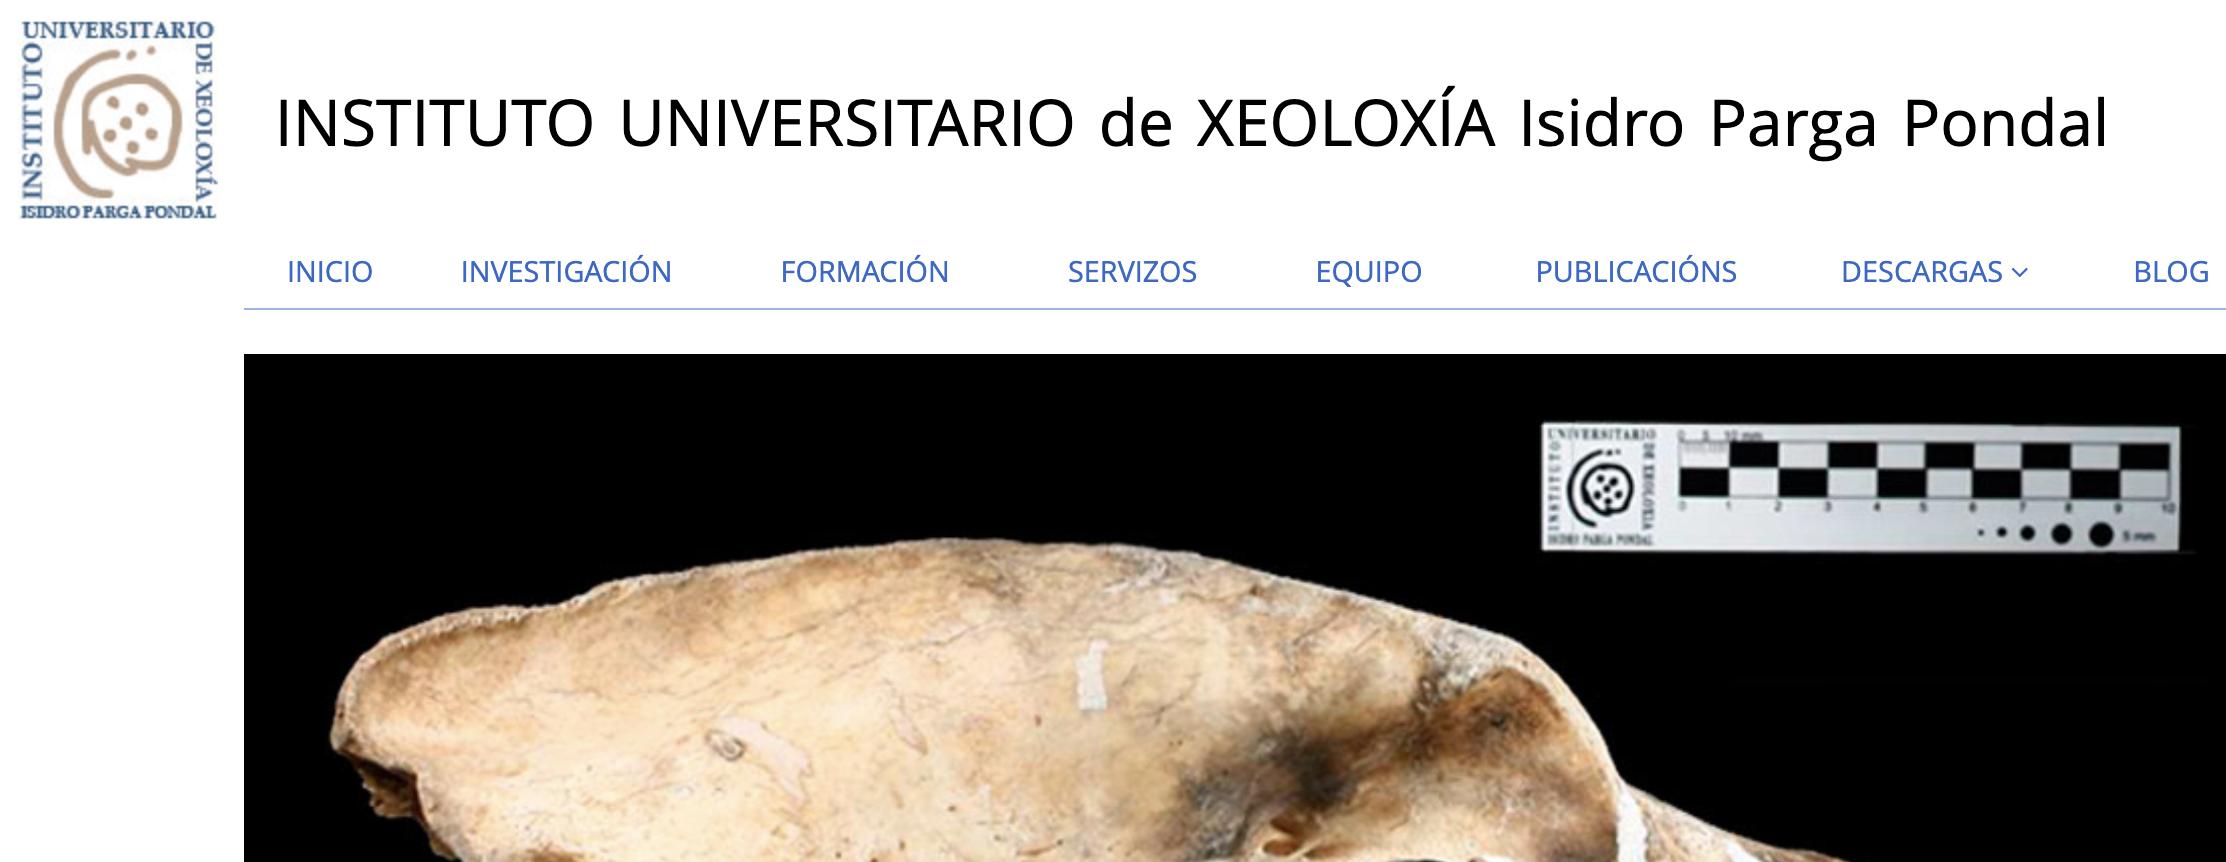 Instituto Universitario de Xeoloxía Isidro Parga Pondal